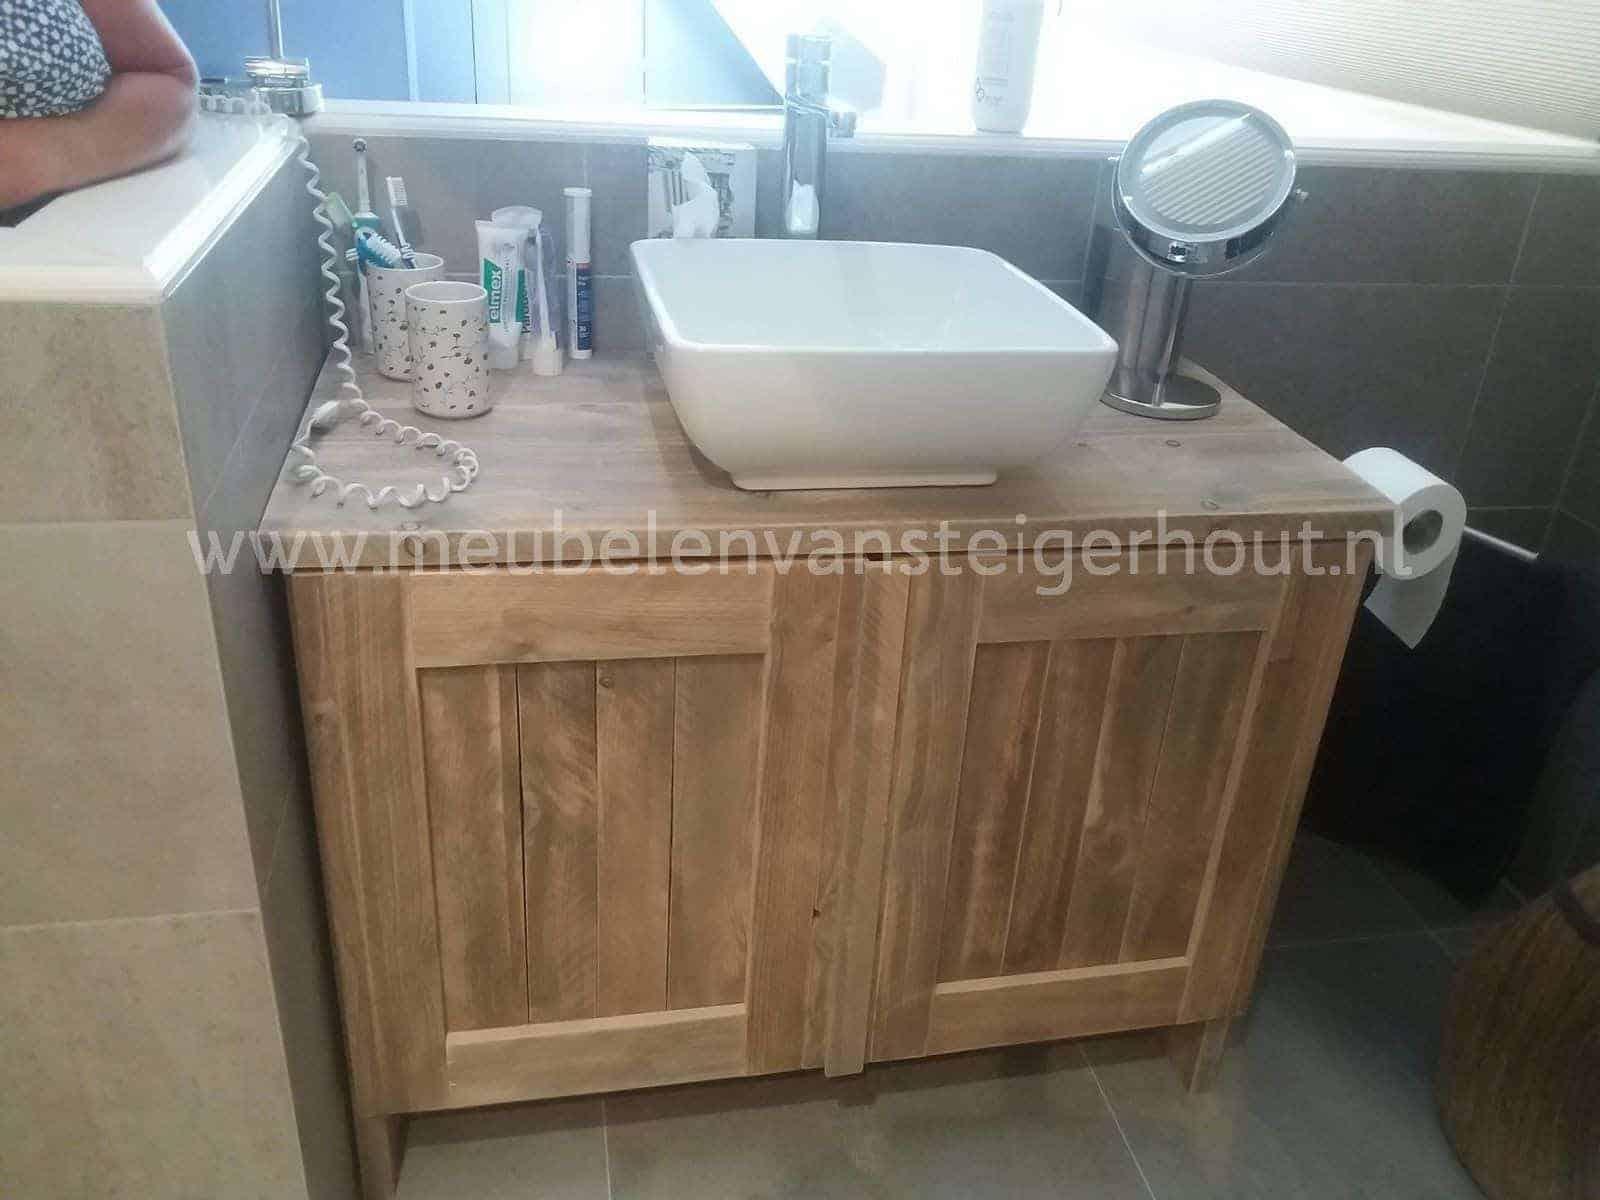 Badkamer Onderkast Hout : Onderkast wastafel steigerhout badkamer kast